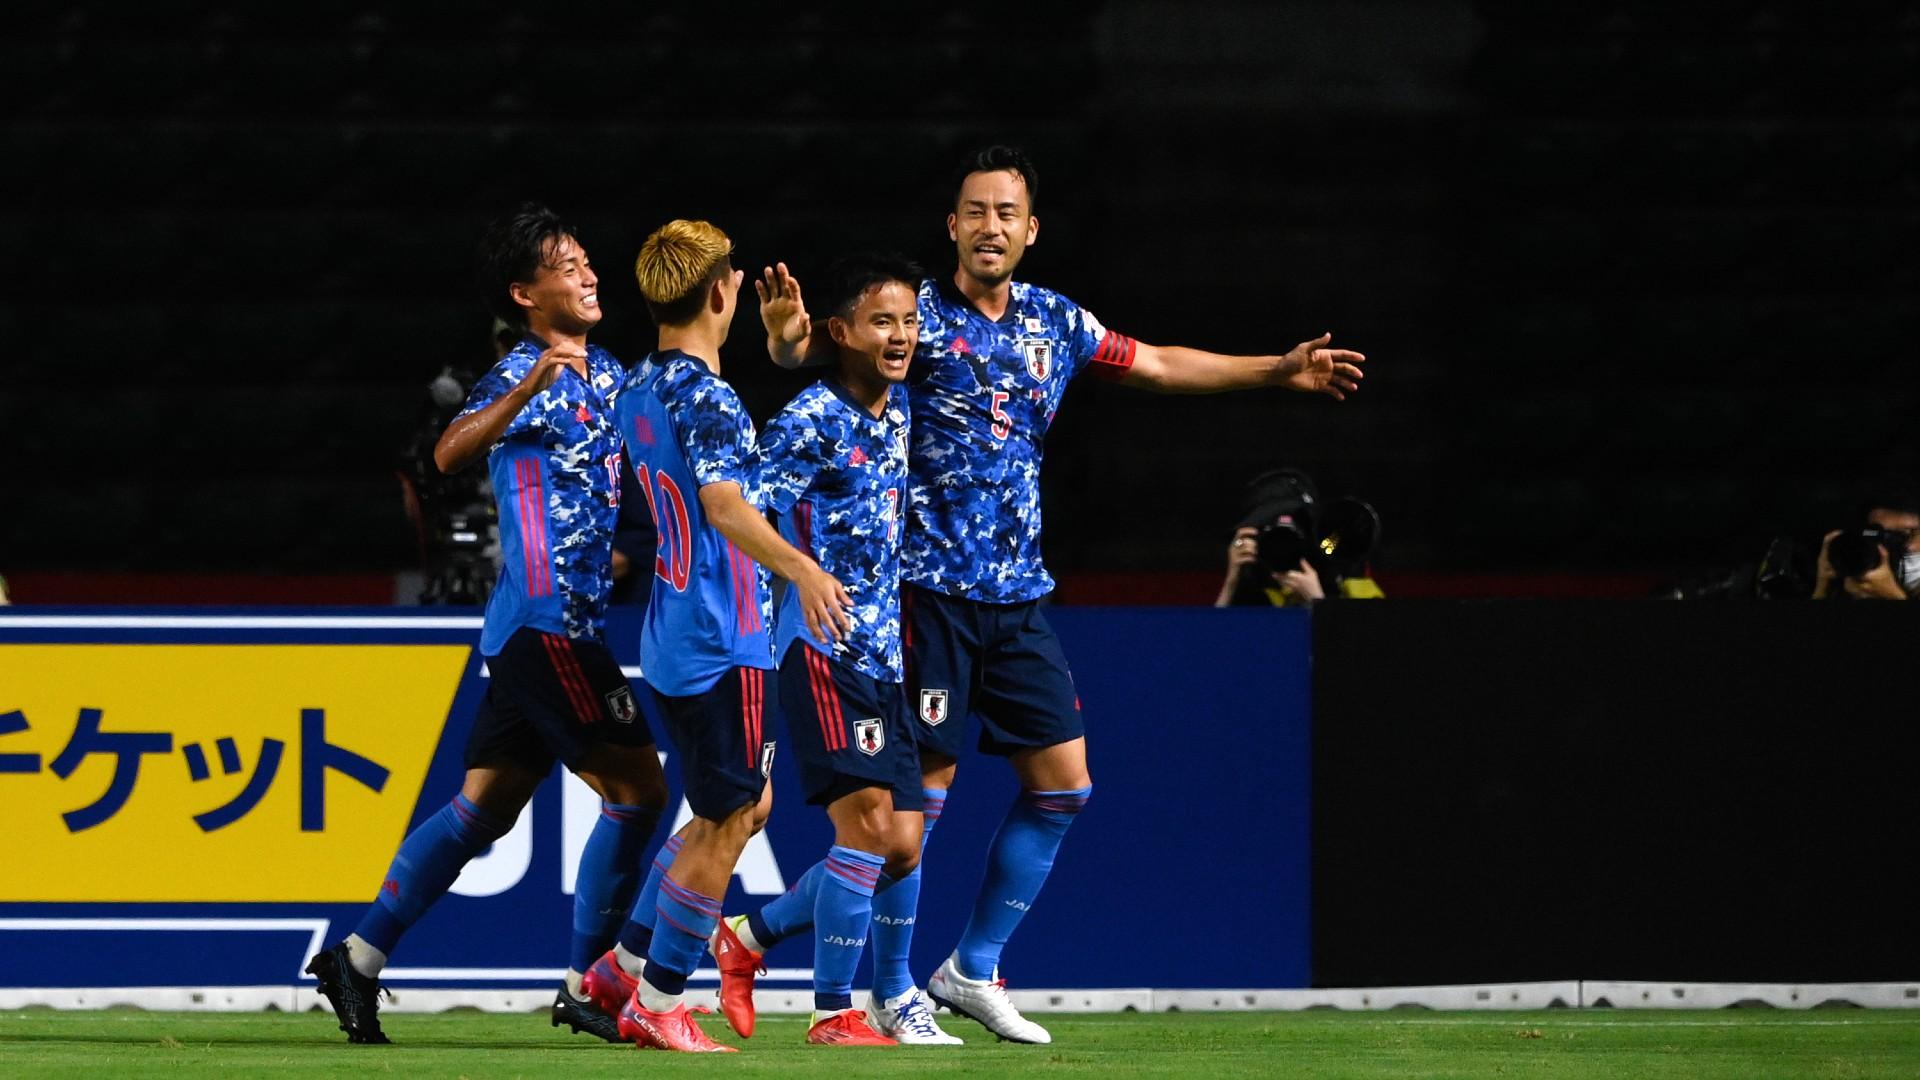 金メダル期待大!史上最強のU-24日本代表戦士たちがホンジュラスに快勝|キリンチャレンジカップ|フォトギャラリー